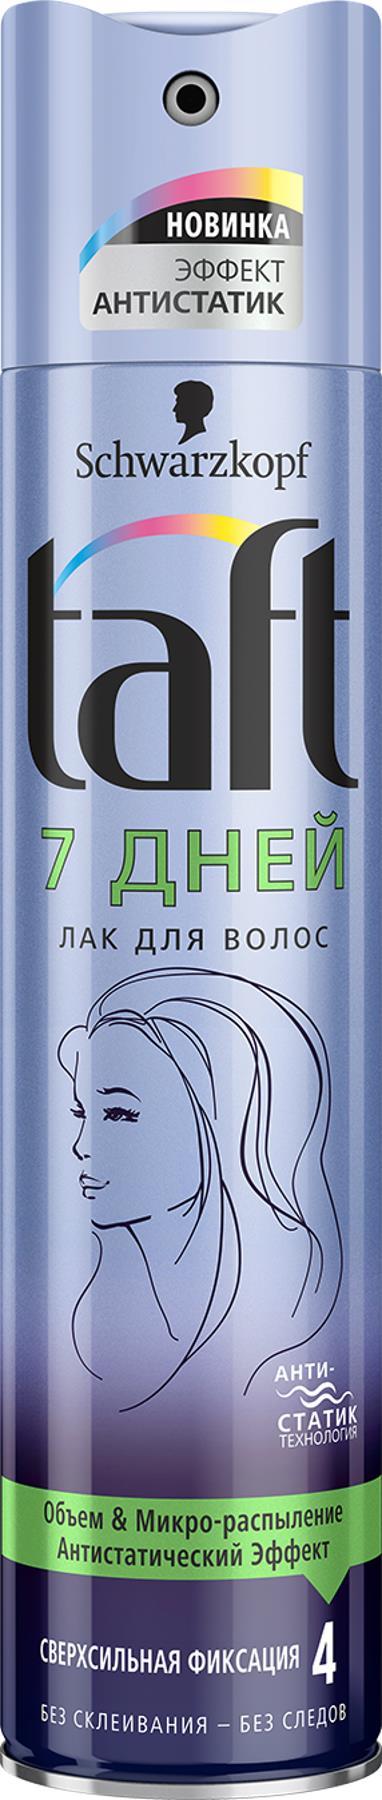 Taft Лак для волос 7 Дней сверхсильная фиксация, 225 мл taft classic лак густые и пышные cверхсильная фиксация 225 мл